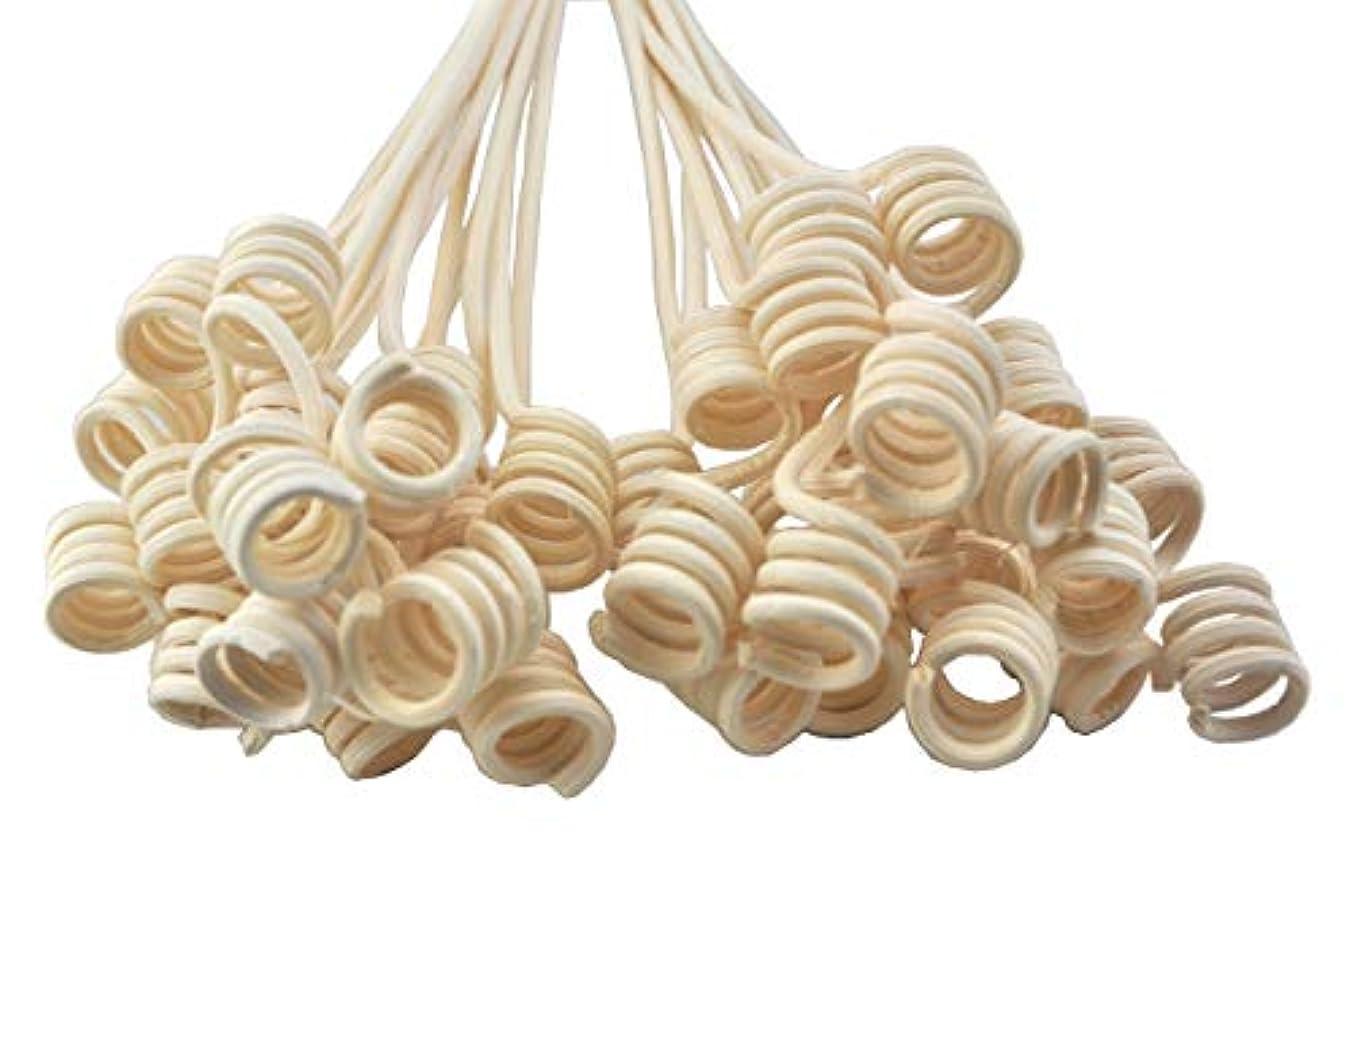 仕事に行く戦争杖20本入ナチュラルカラー手工芸品の生産 籐のリードアロマディフューザーの交換用スティック(27cm x 3mm ロール形状)